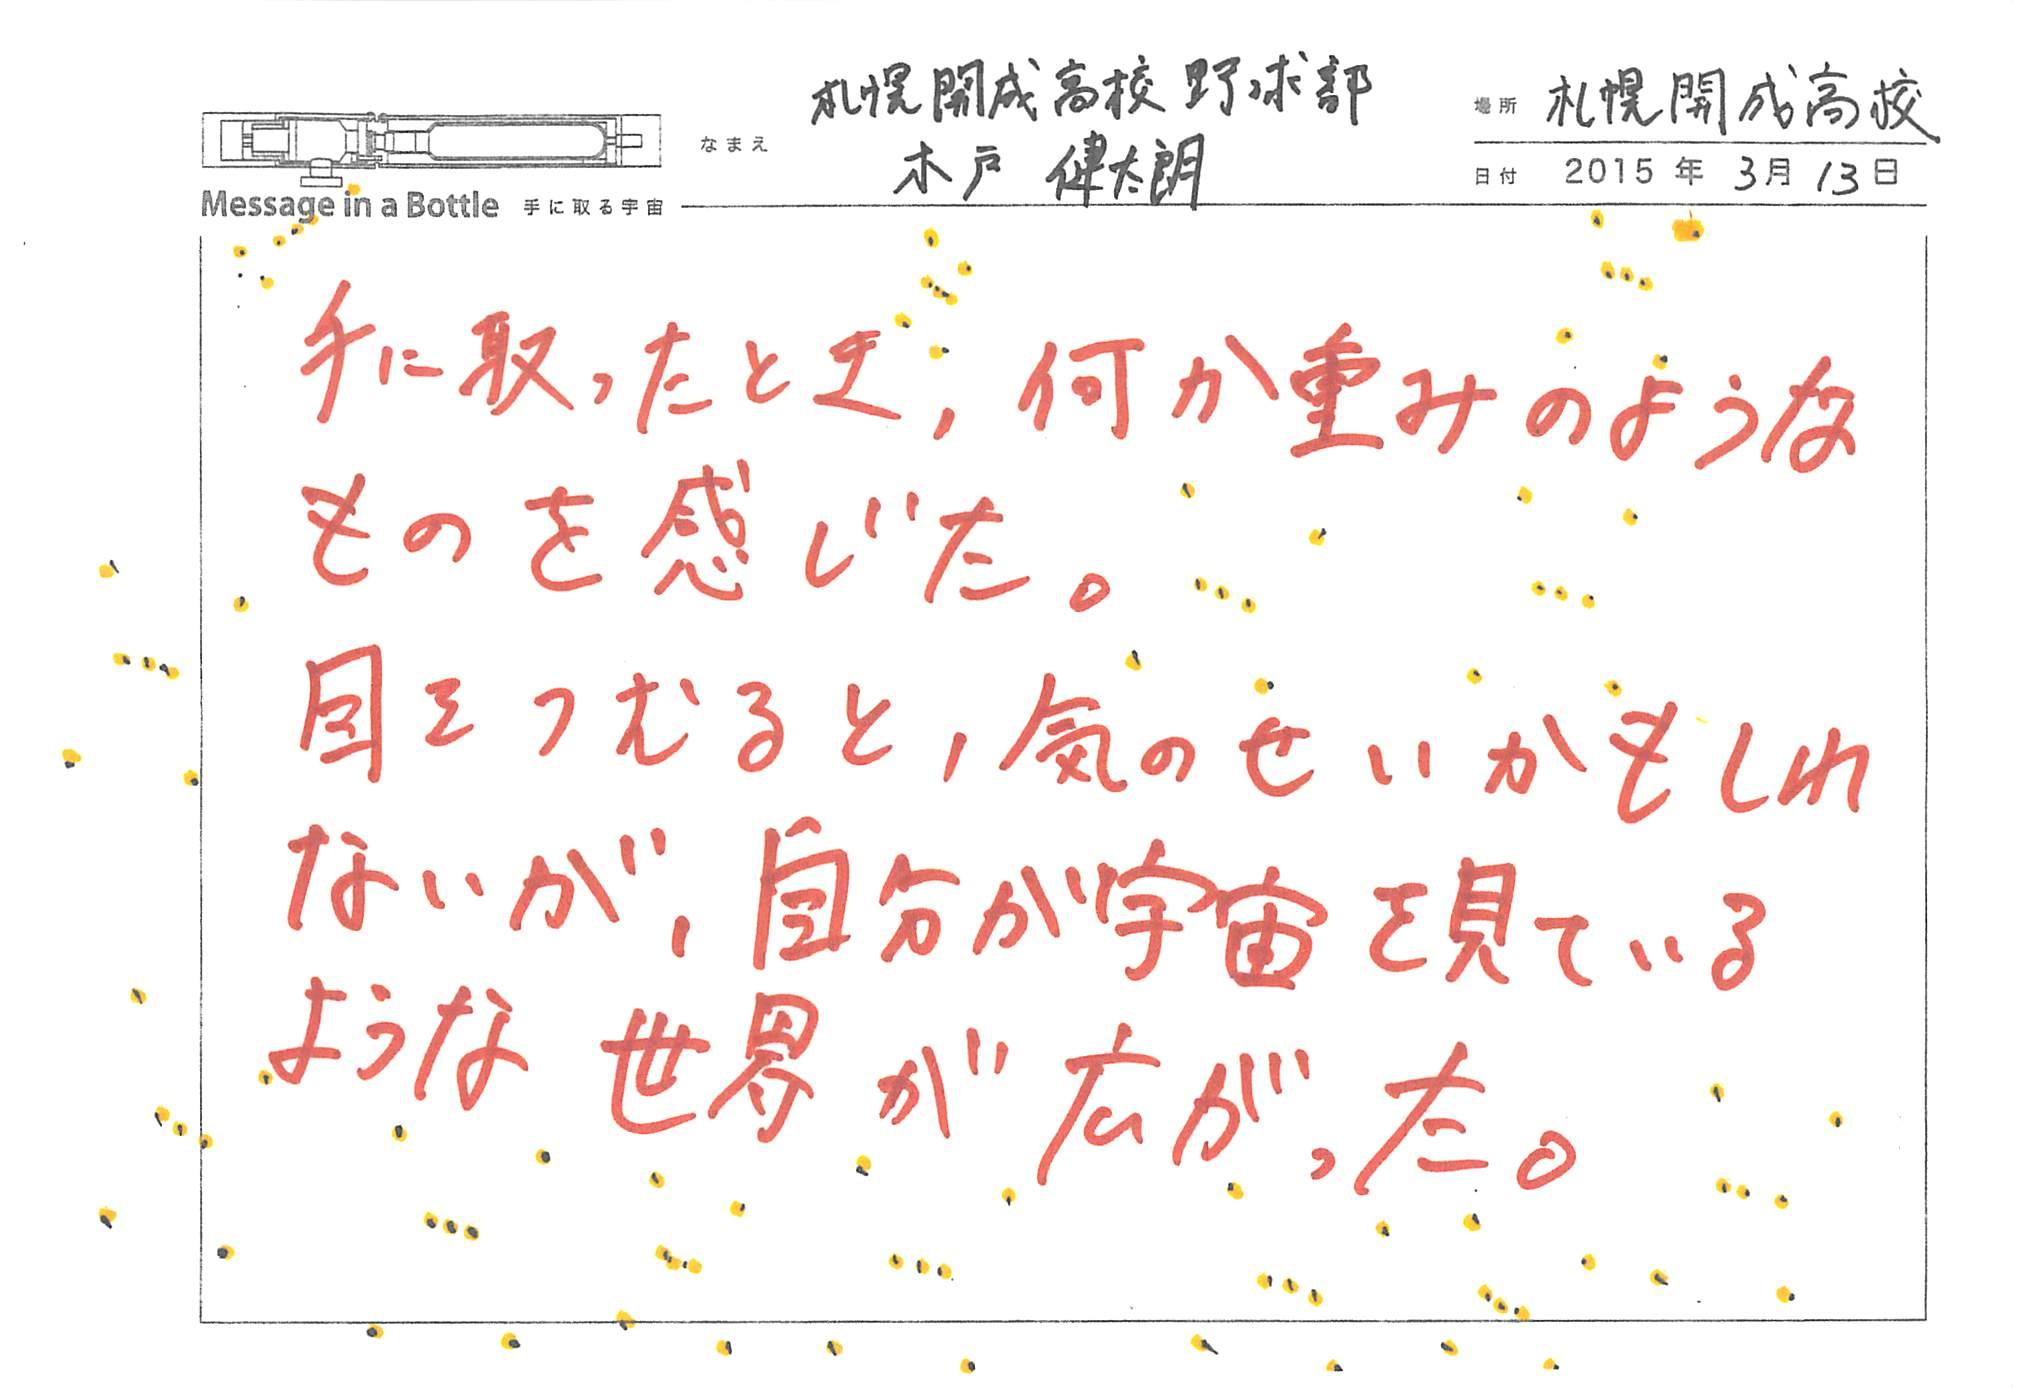 2015-04-09-21-12-57.jpg